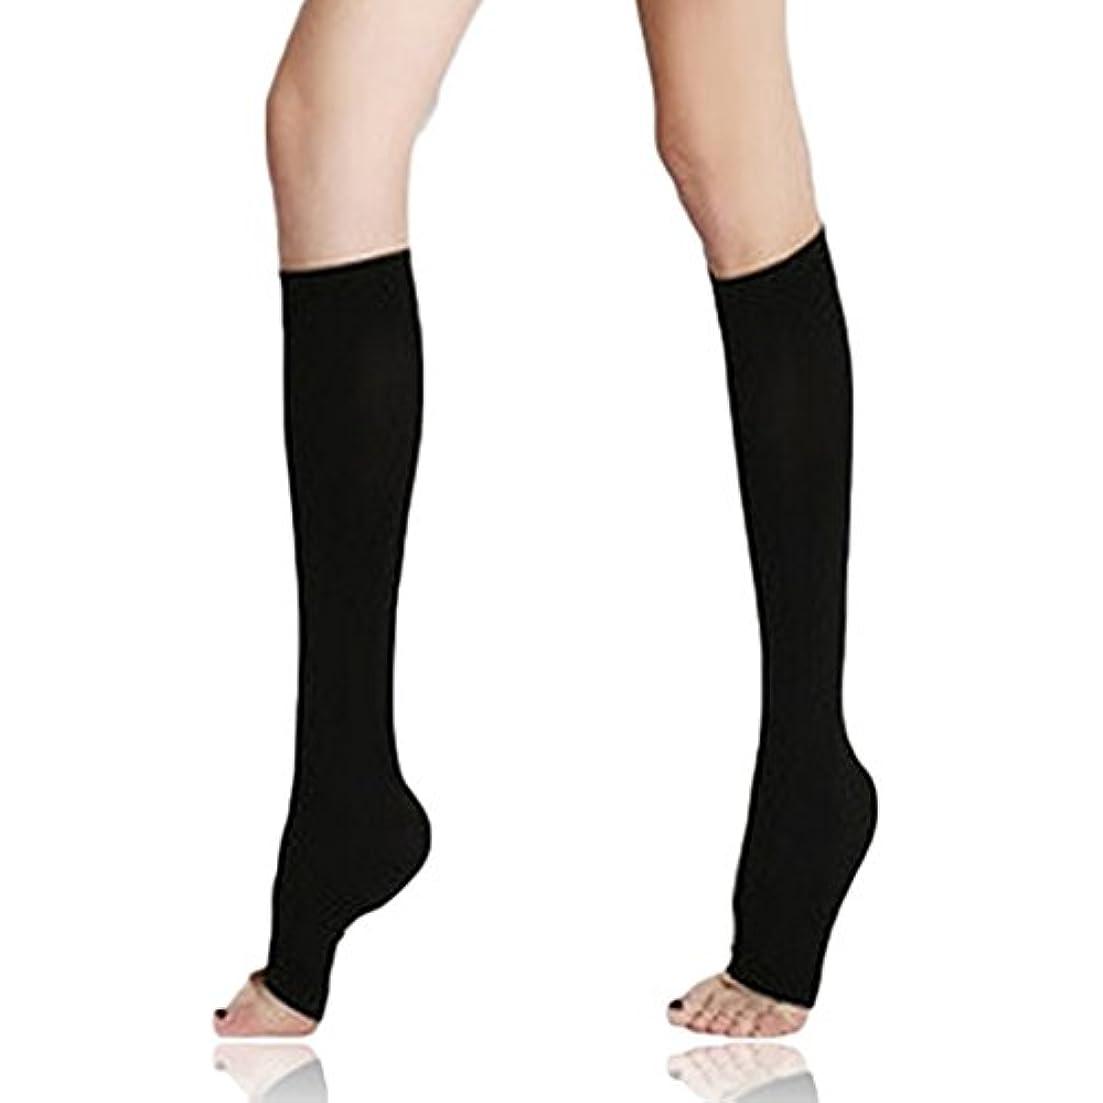 辞書酔っ払い時代MEJORMEN 着圧ソックス 段階式圧力設計(40-50mmHg) 着圧靴下 美脚ケア お出かけ用 強圧 弾性ソックス 足の疲れ/むくみ解消 1足 男女兼用 3種類ライプ S~XXL